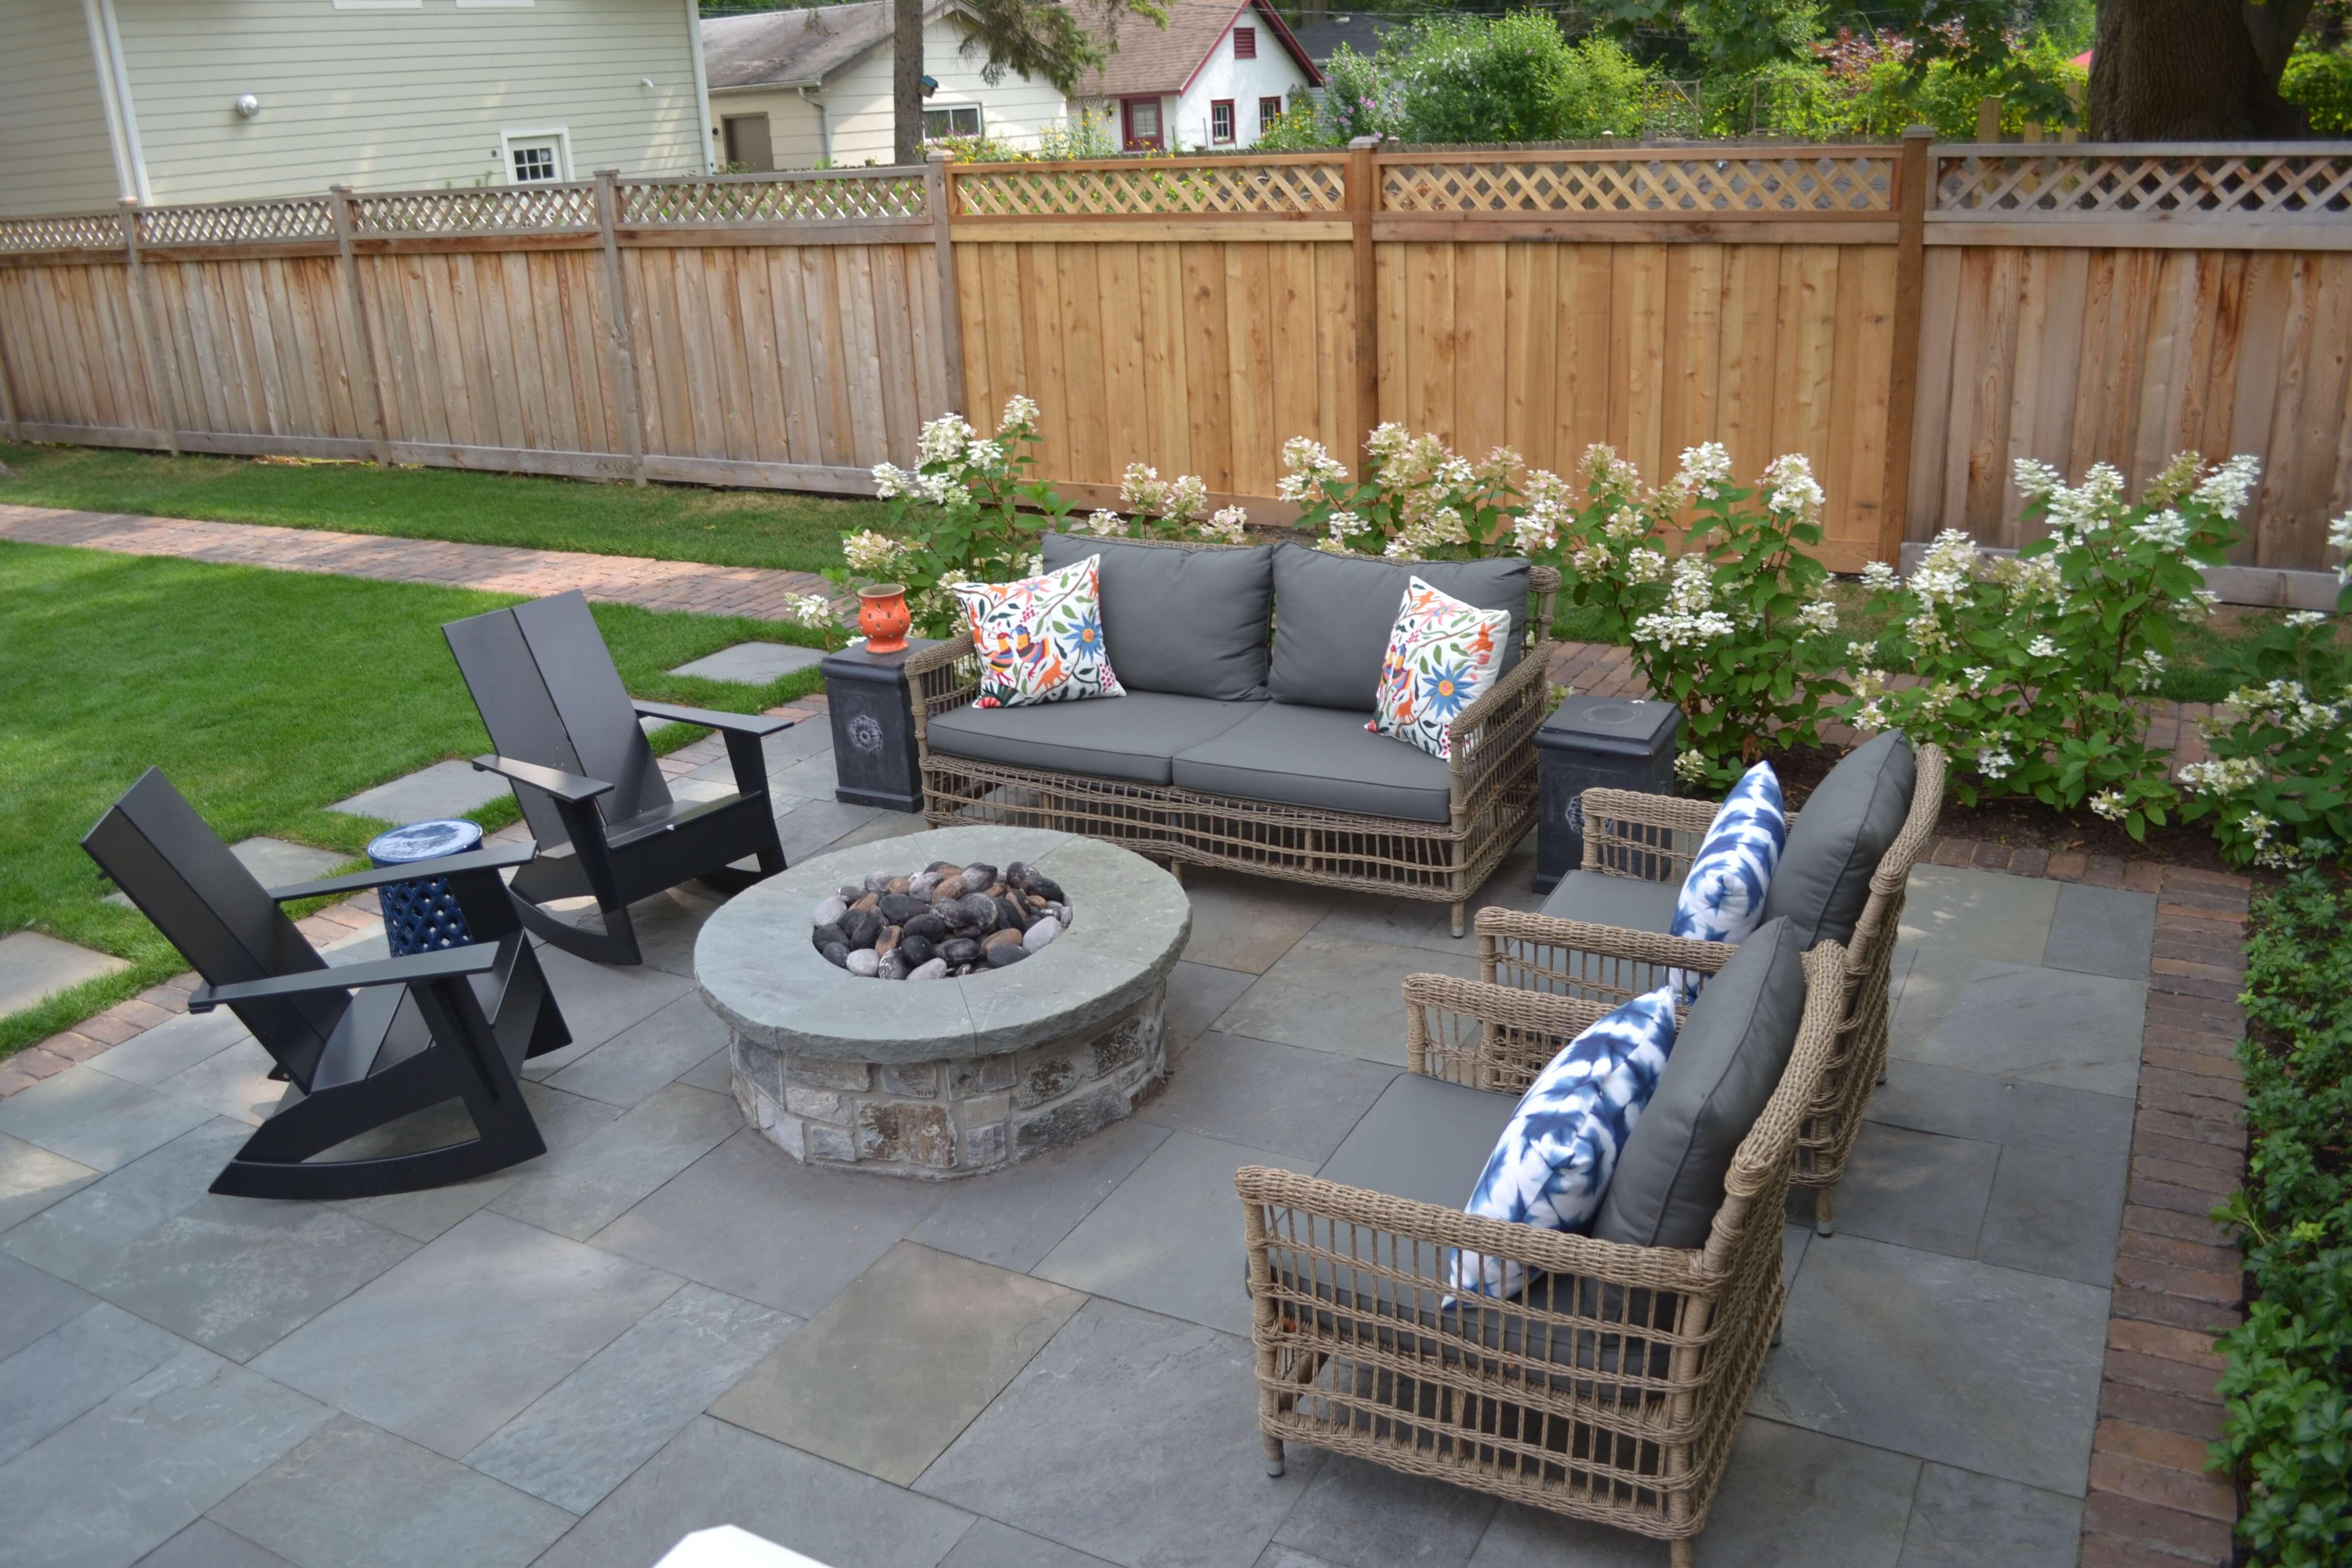 stone paver patios